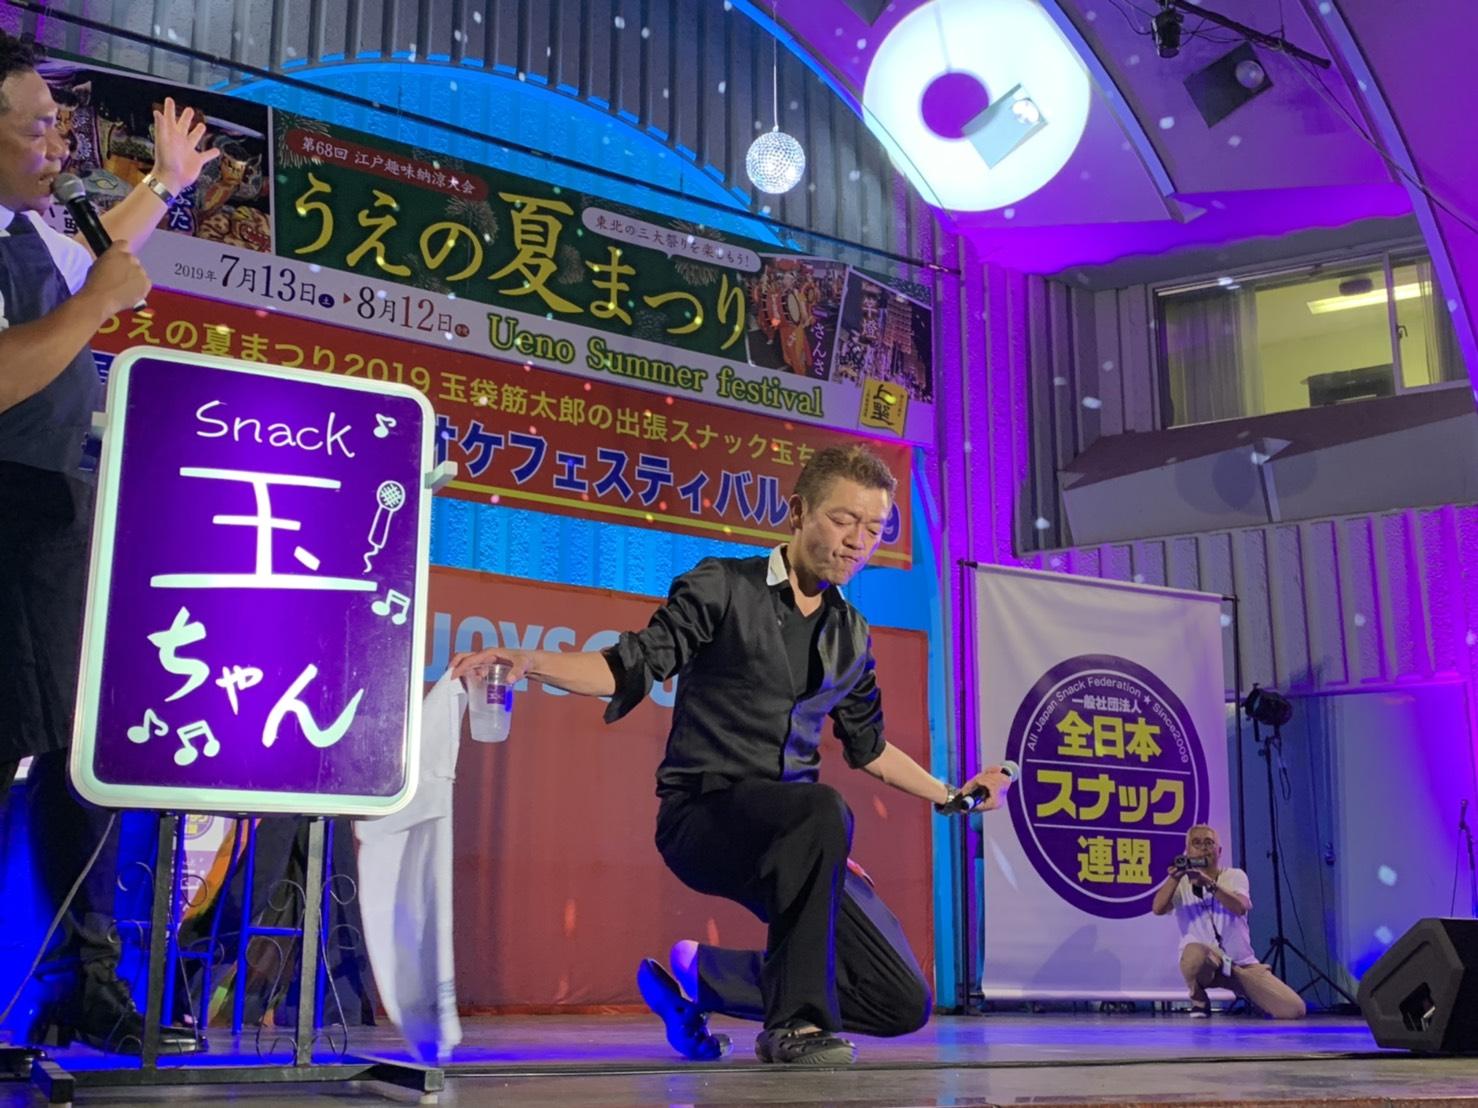 スナック玉ちゃんin 上野野音 開催されました!